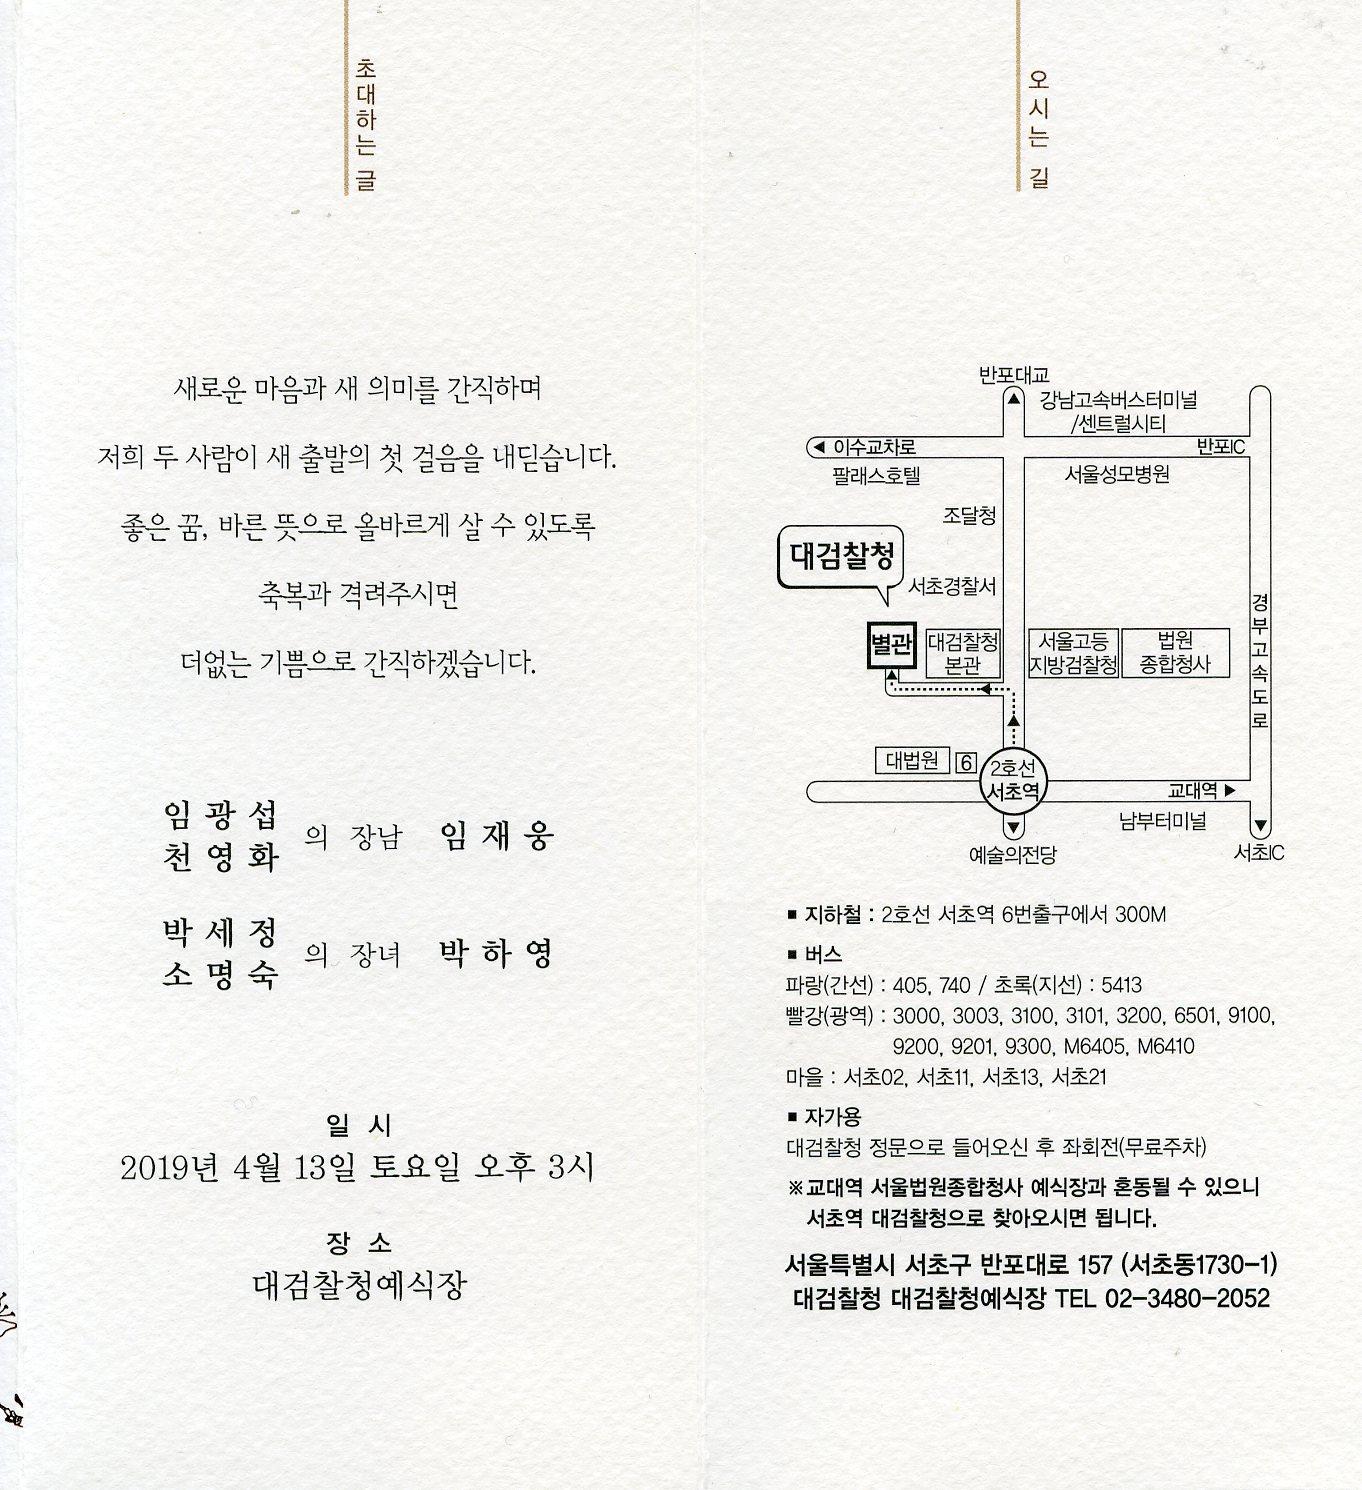 박하영 전공의 청첩장786.jpg